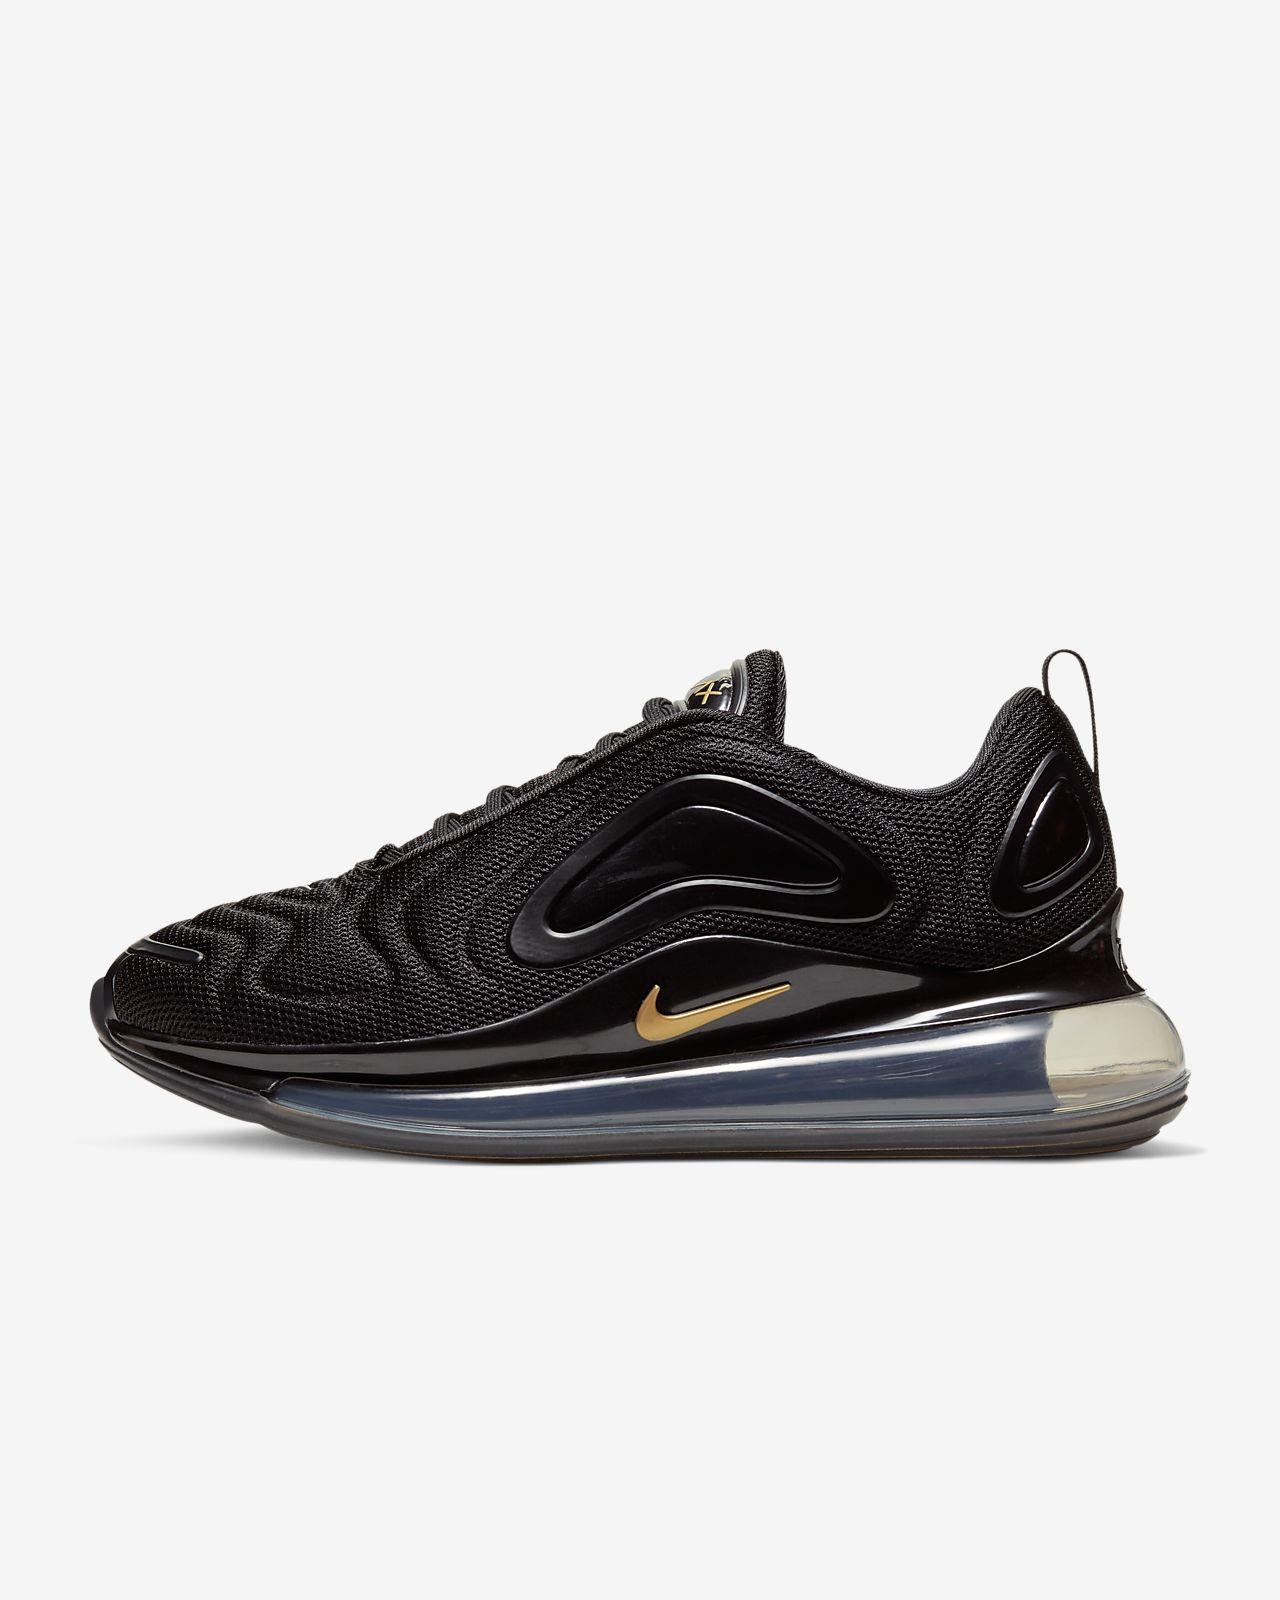 Παπούτσι Nike Air Max 720